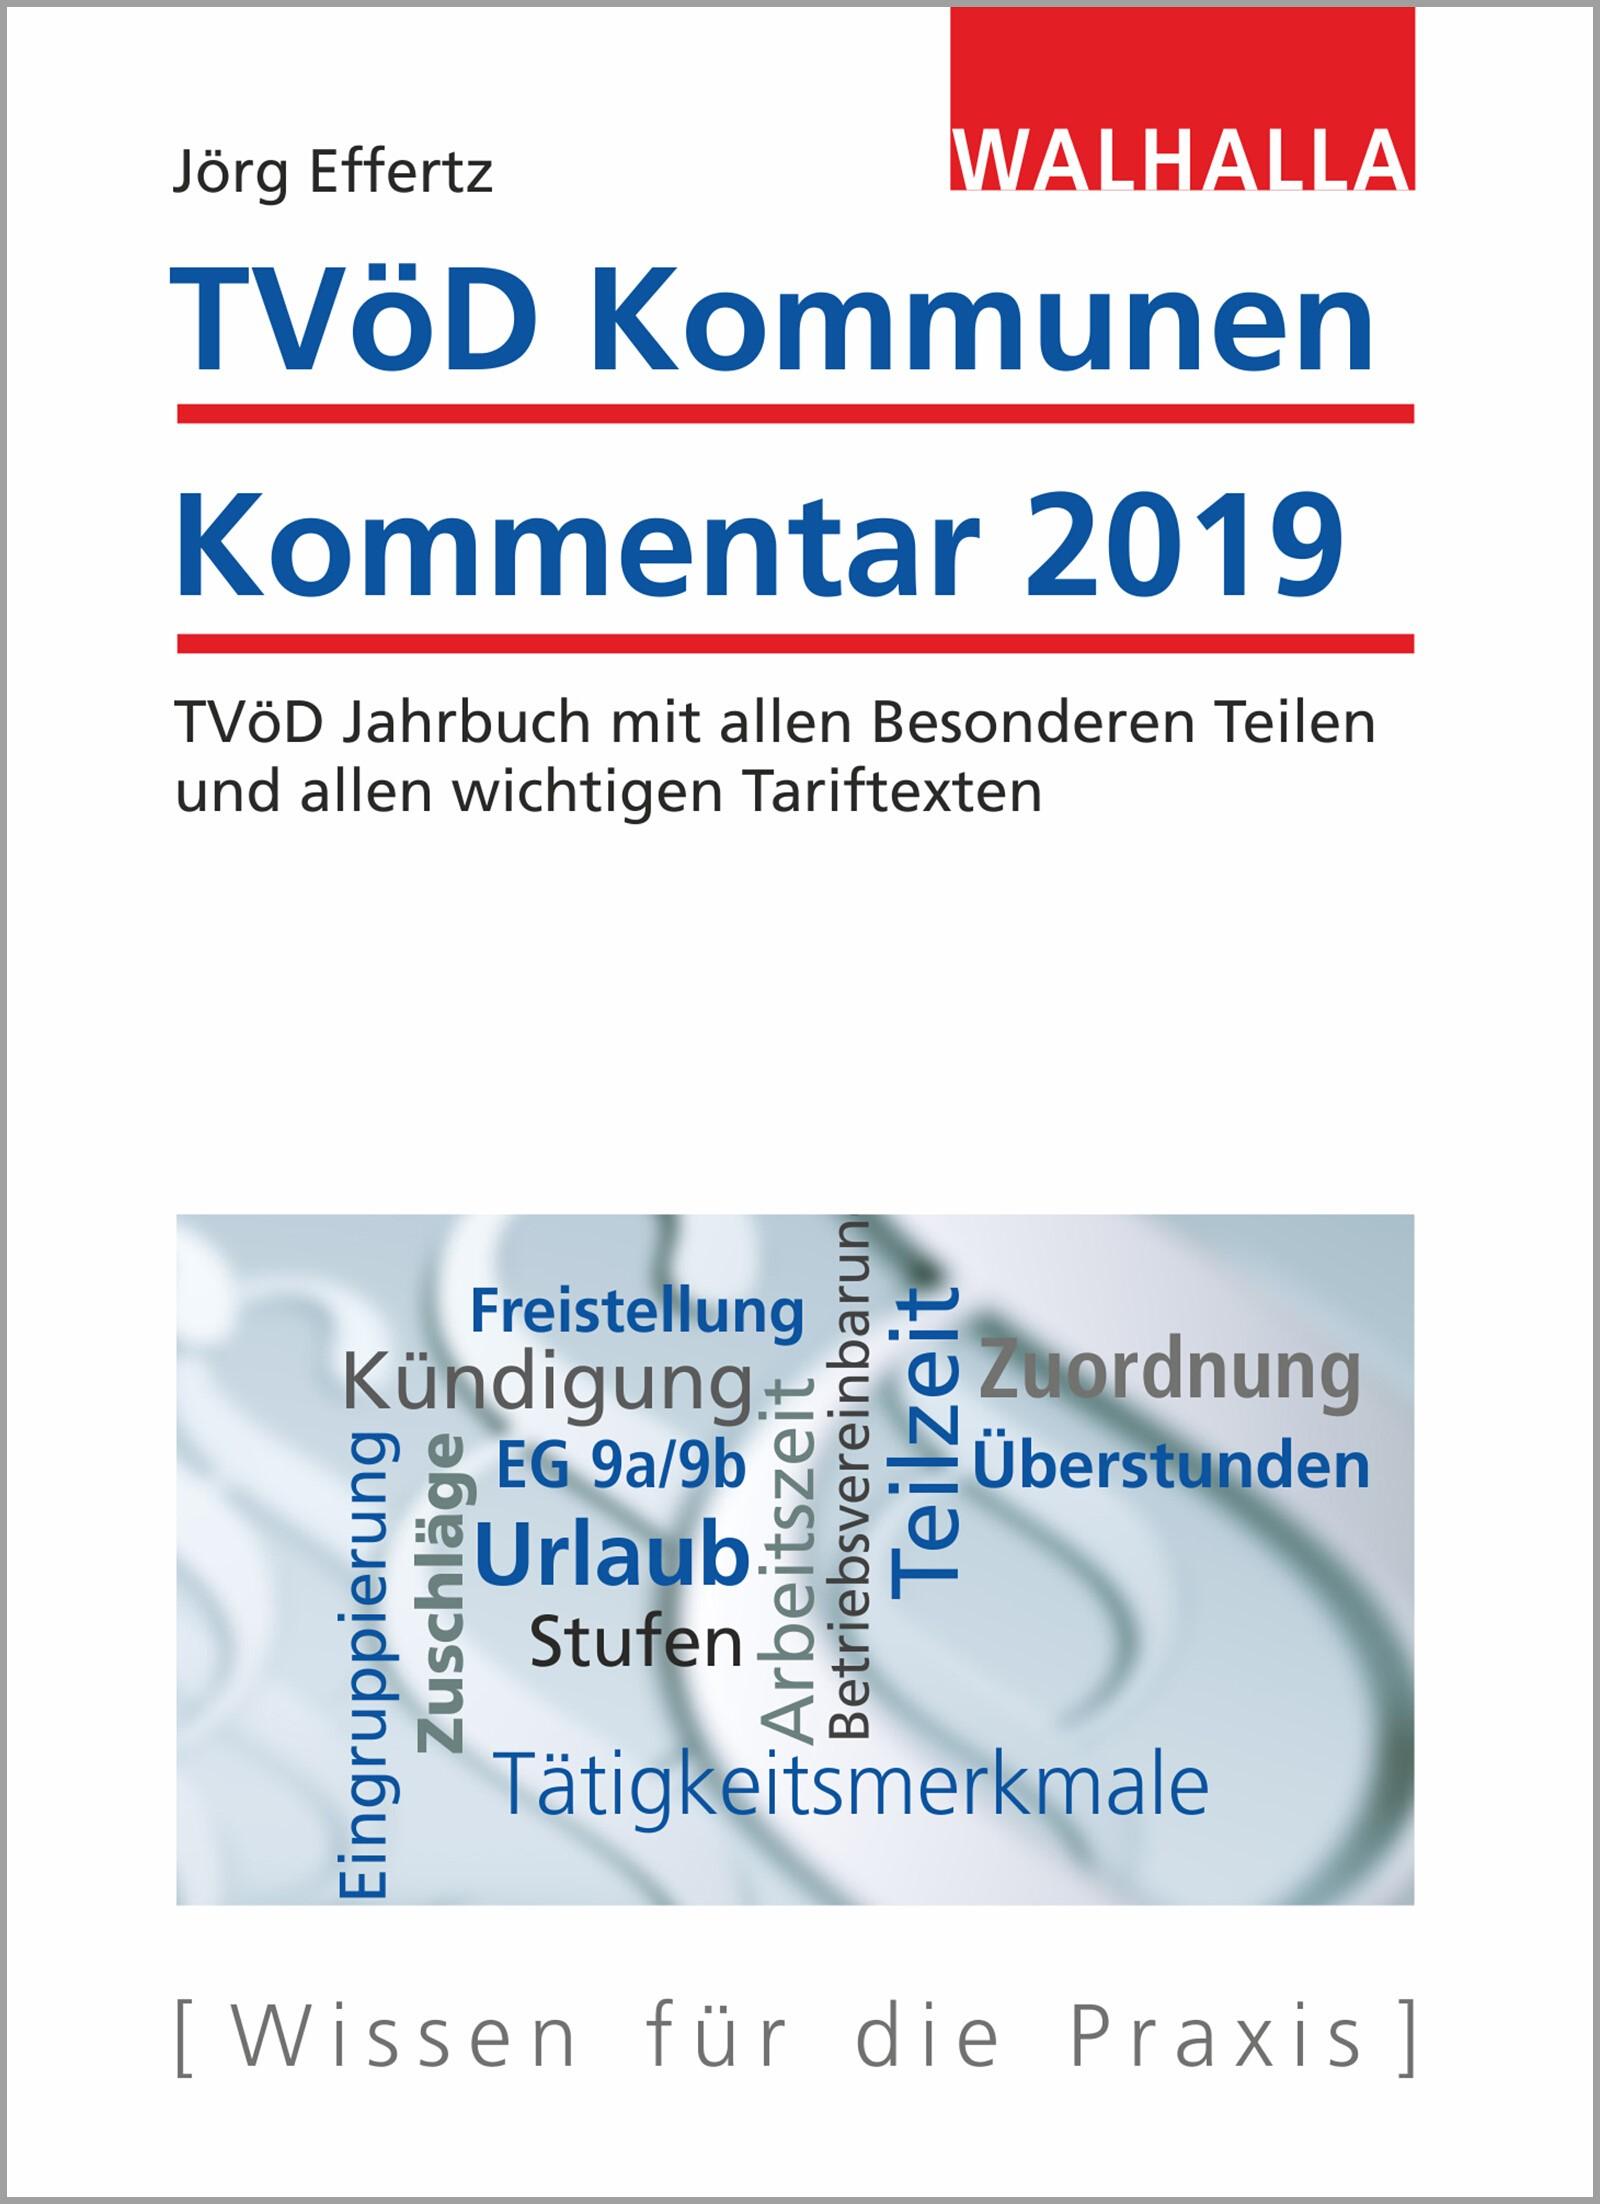 TVöD Kommunen Kommentar 2019 | Effertz, 2018 | Buch (Cover)